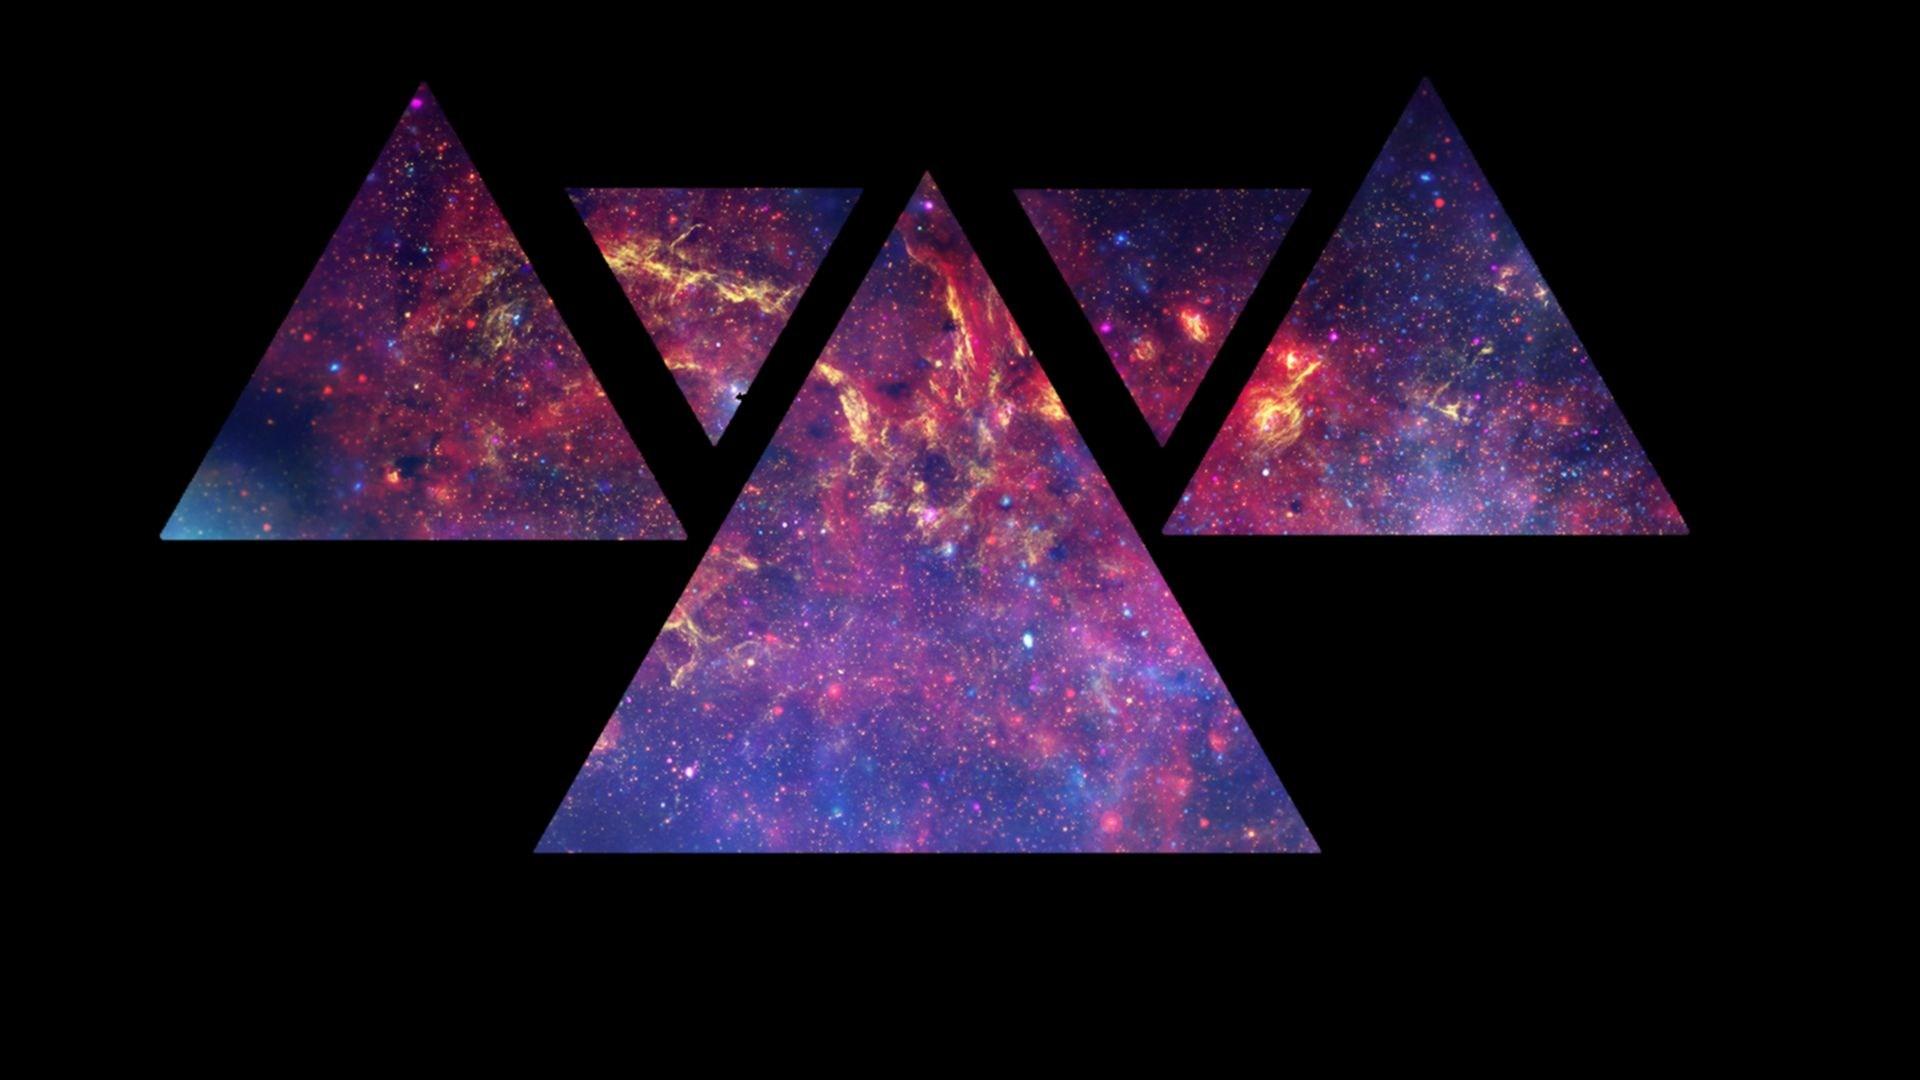 картинки с треугольниками и крестами журналах то, что